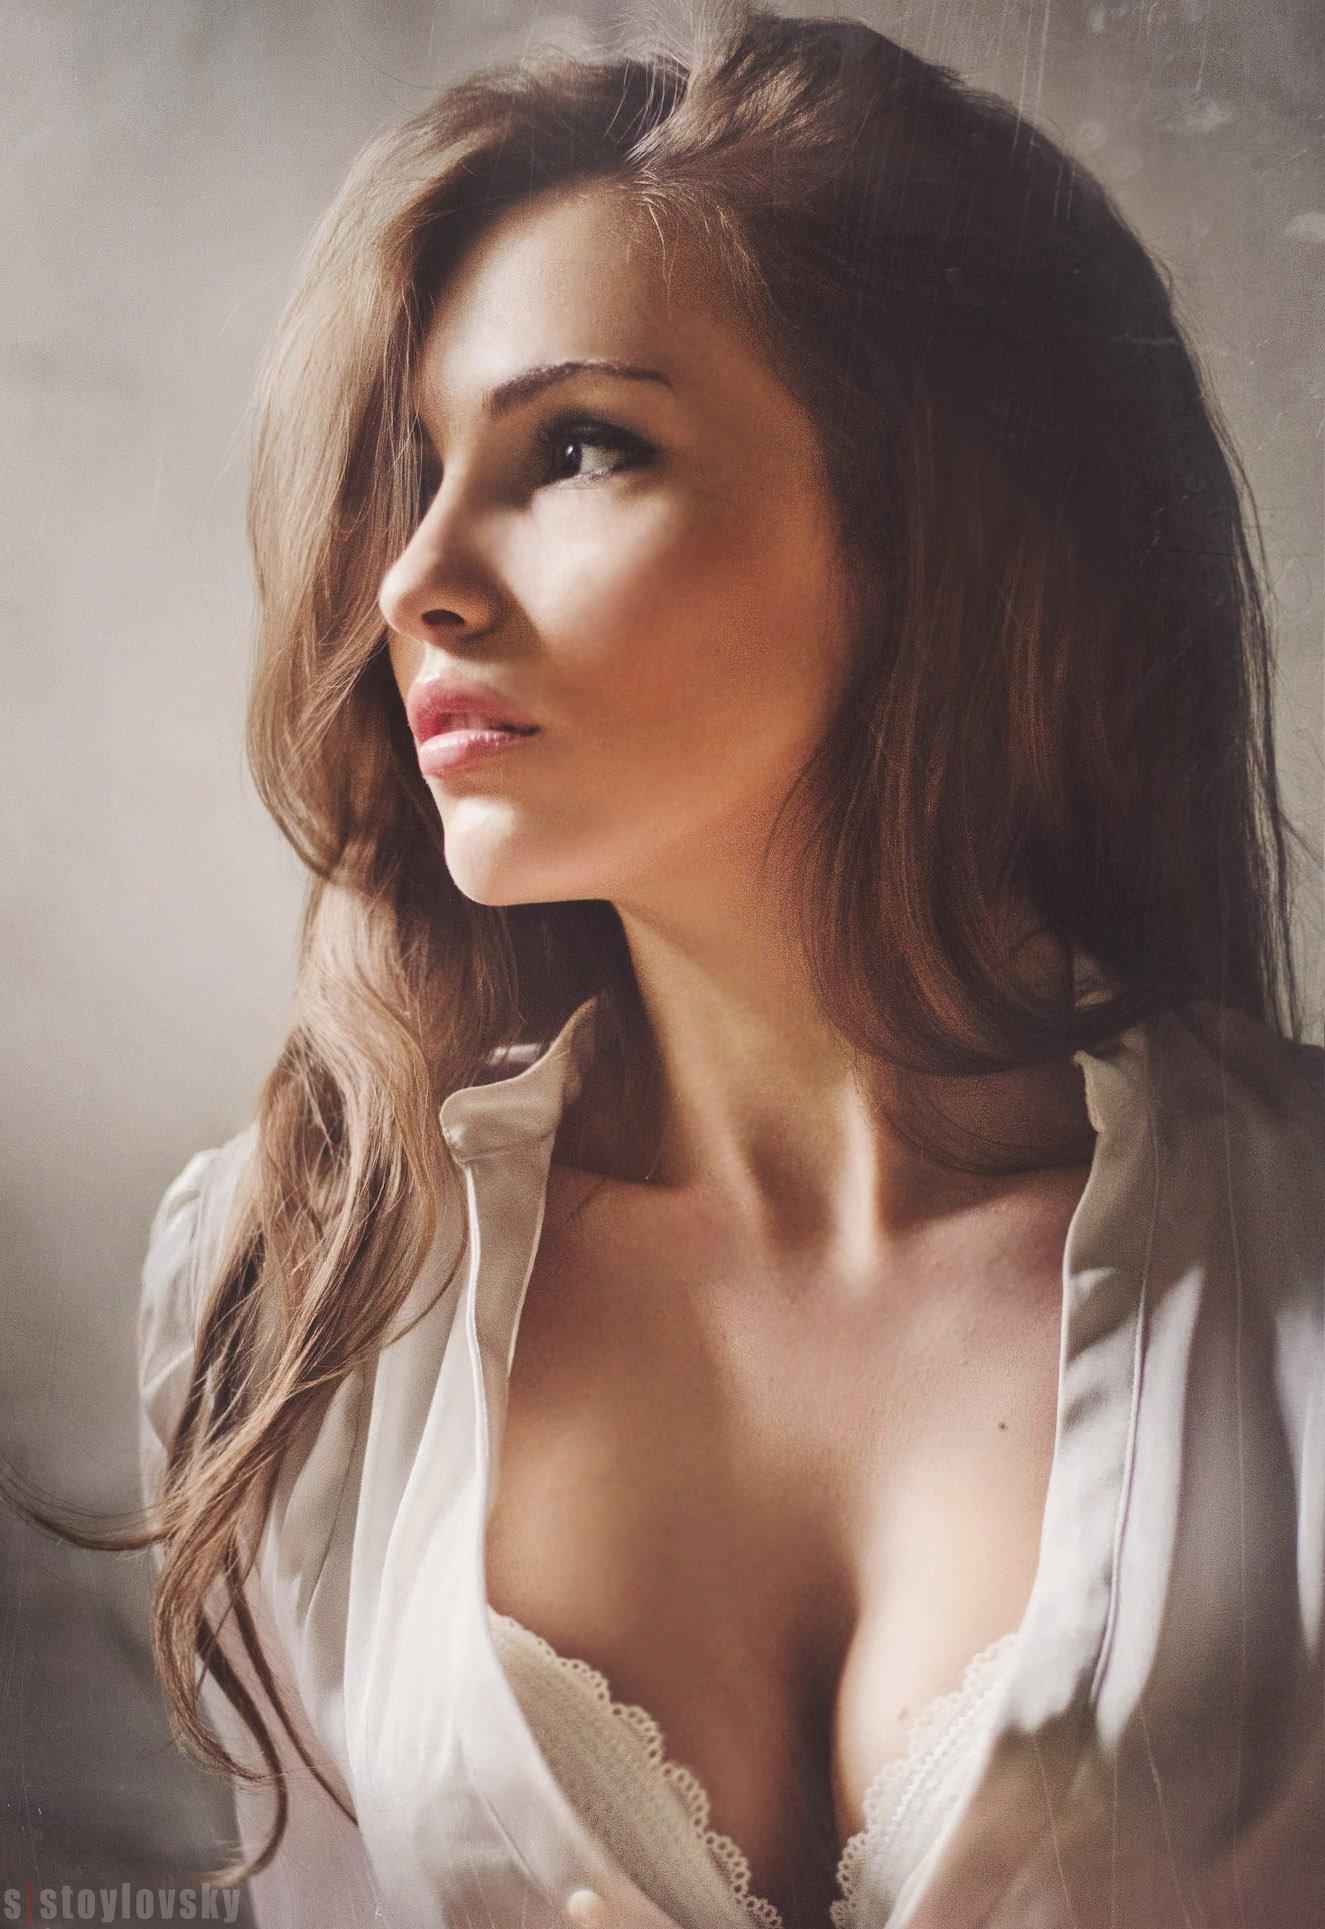 Фото девушка волосы и губы